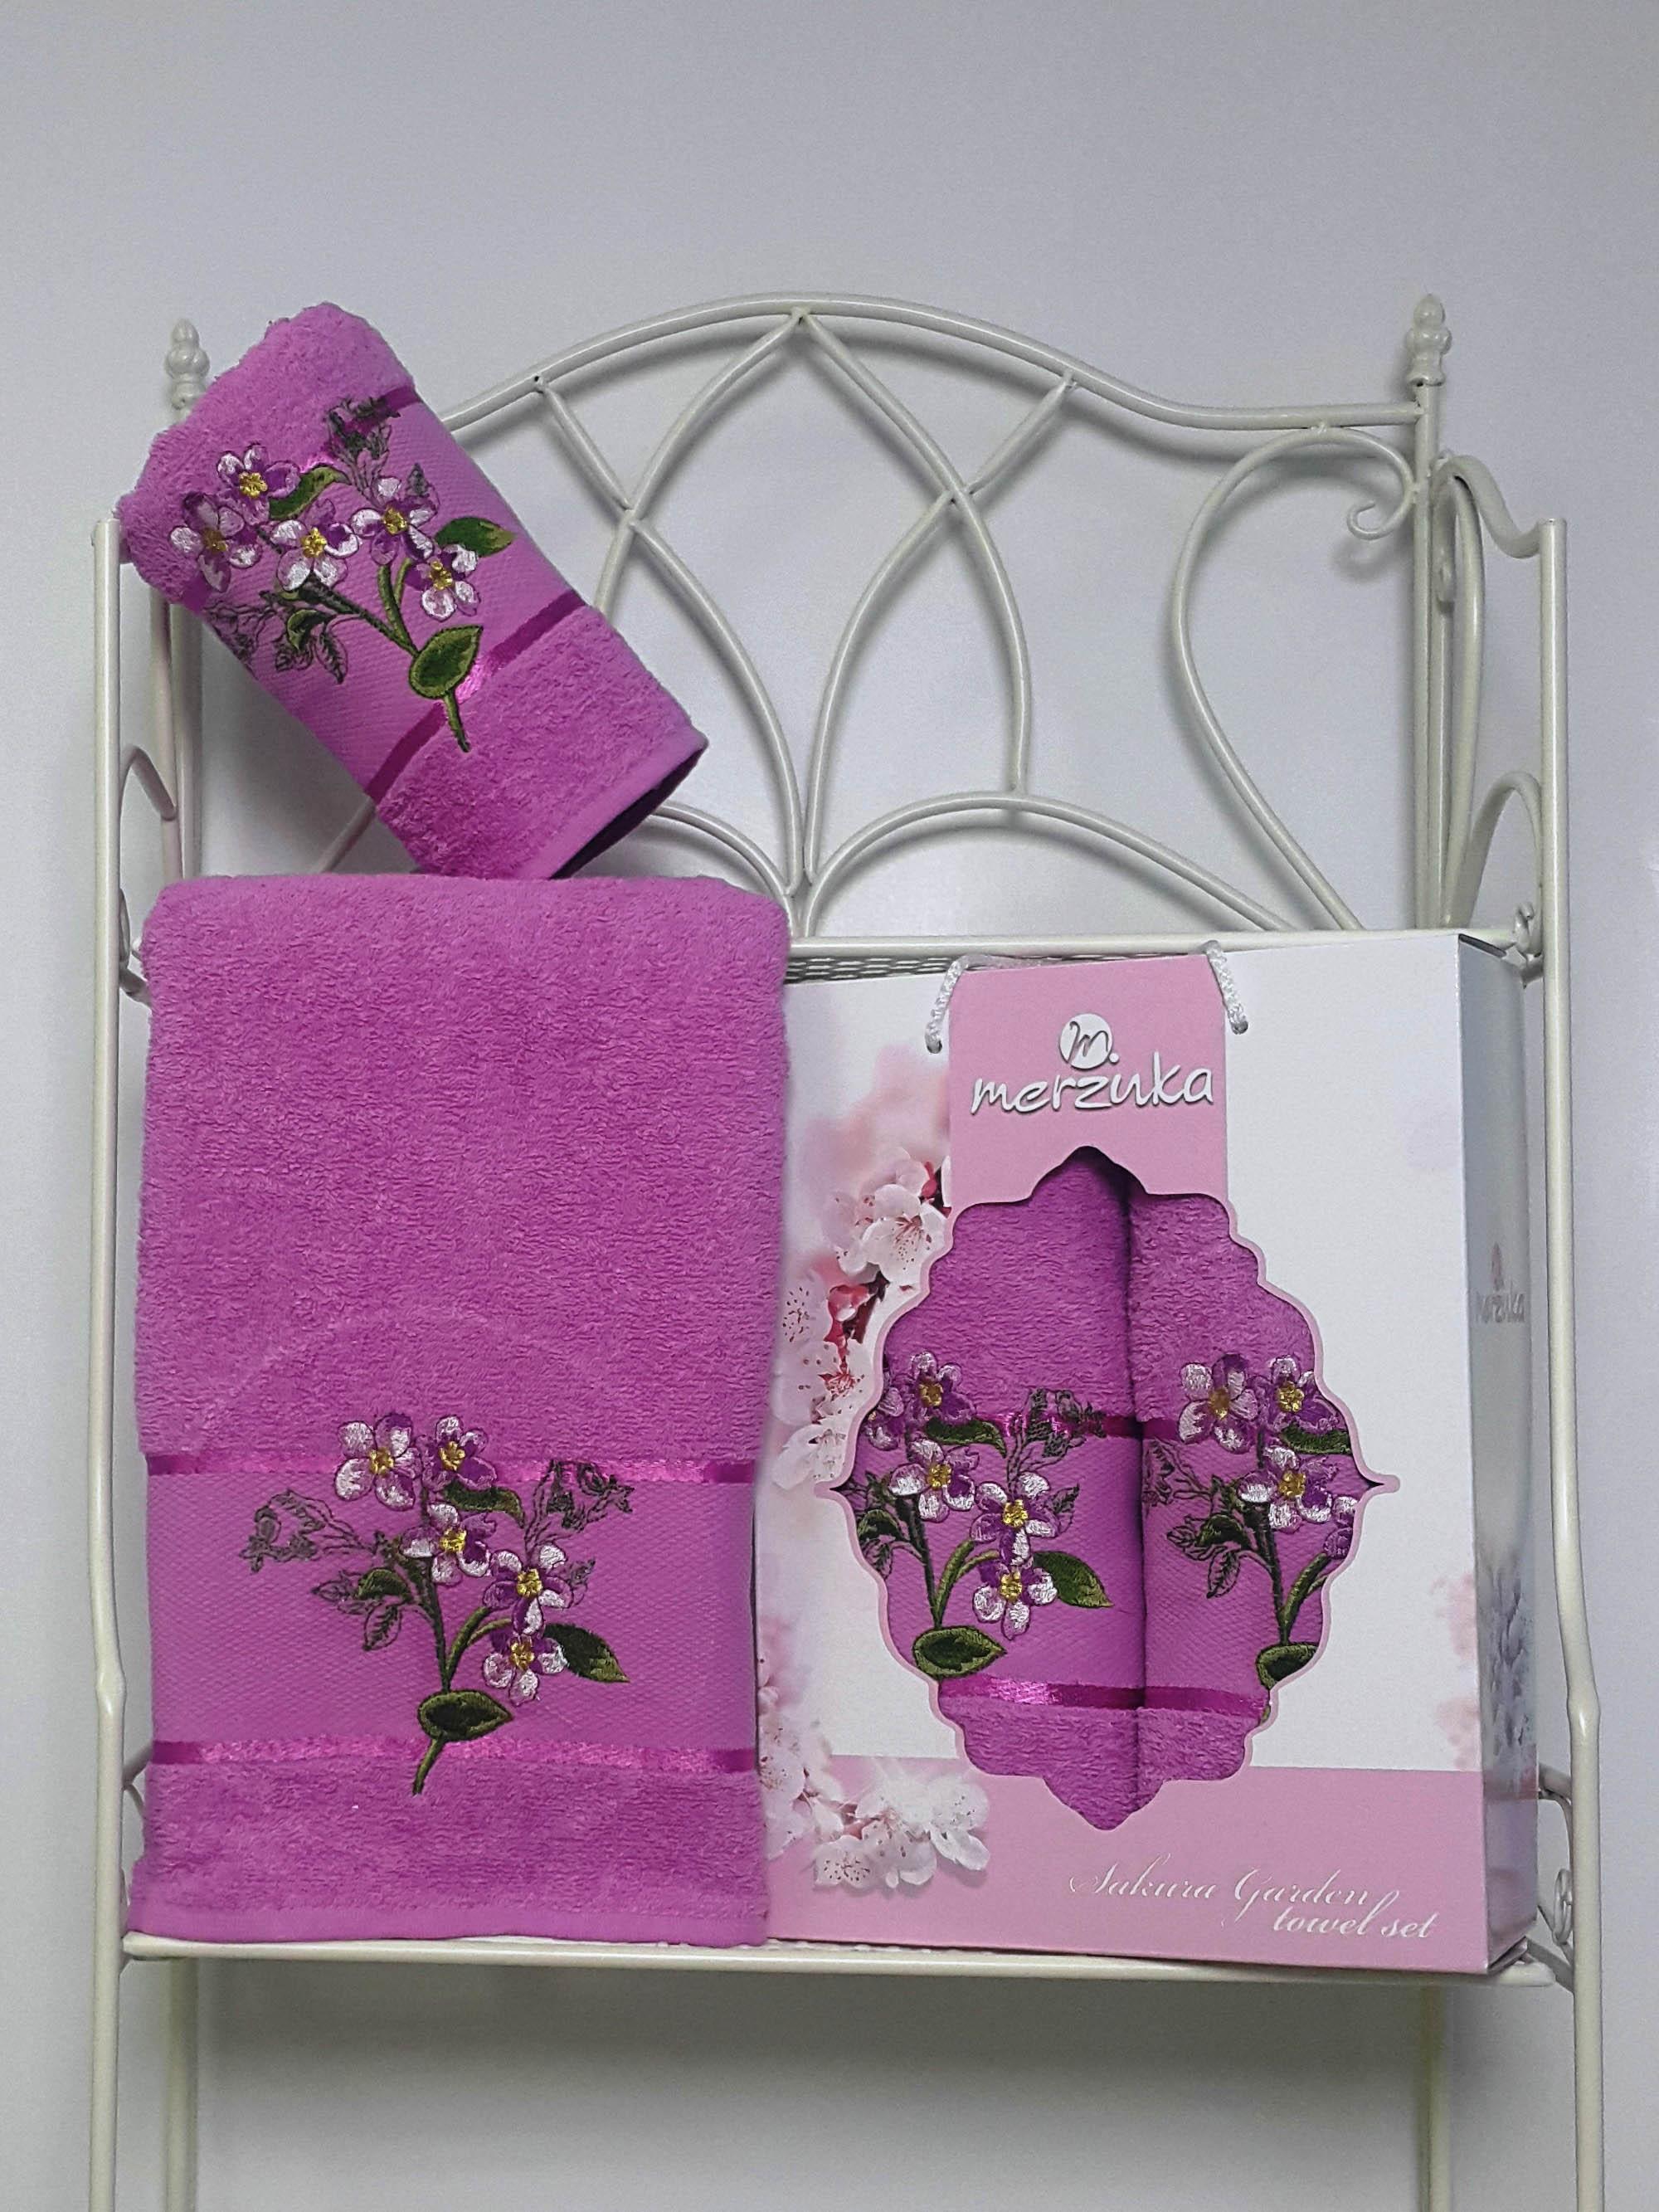 Полотенца Oran Merzuka Набор из 2 полотенец Sakura Garden Цвет: Светло-Лиловый набор из 2 полотенец merzuka sakura 50х90 70х140 8430 кремовый